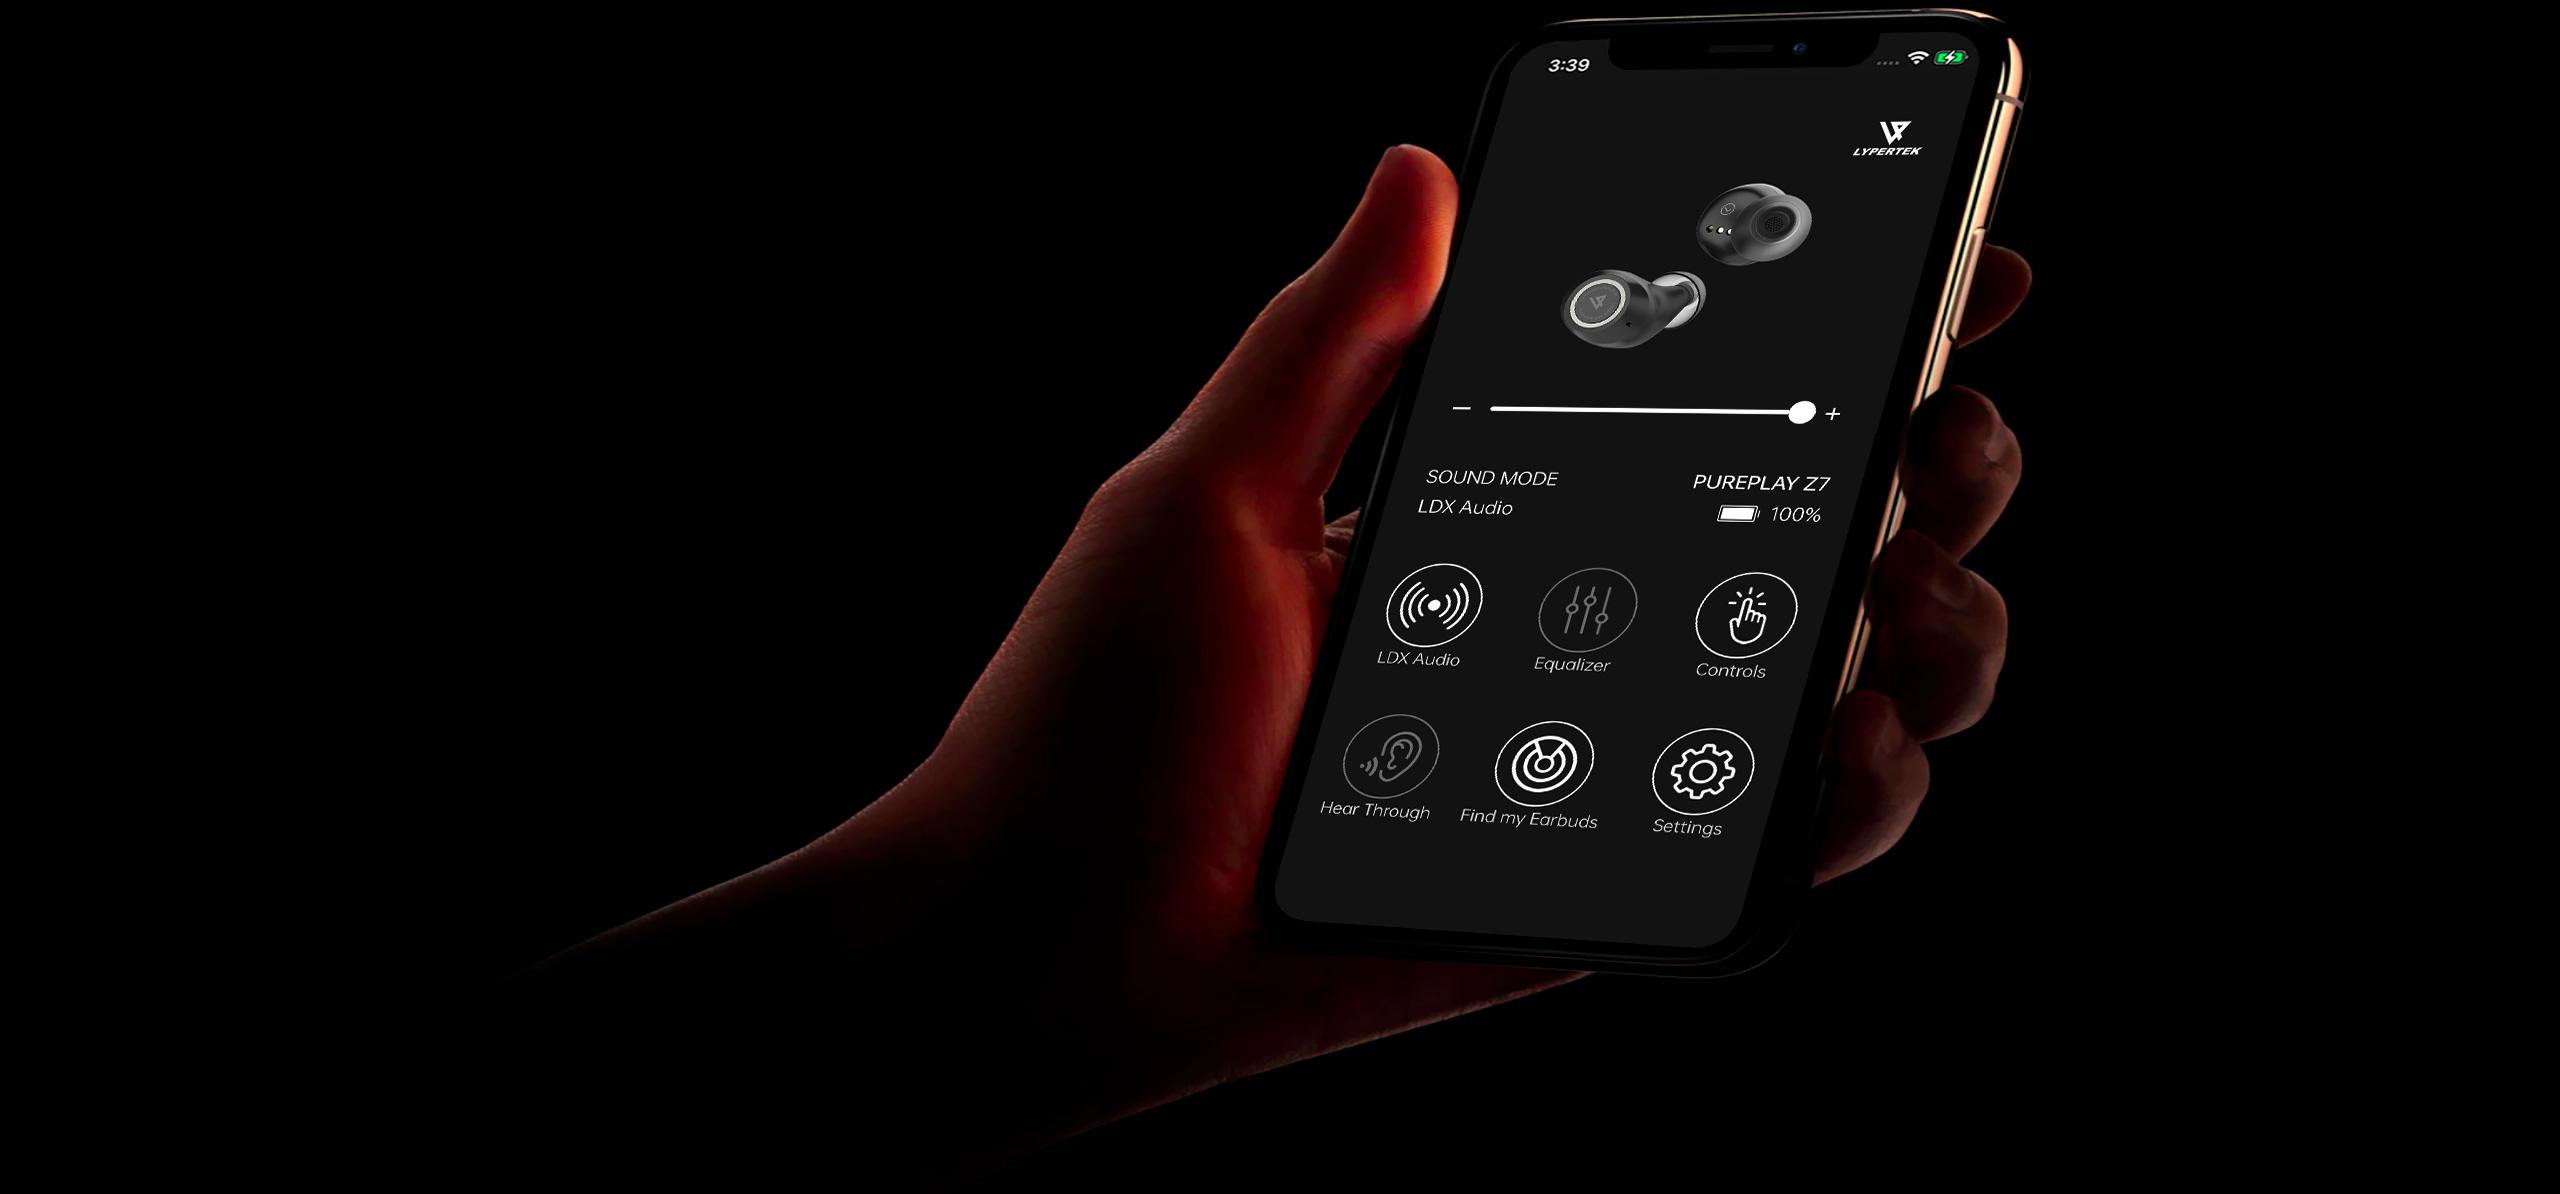 Lypertek Purecontrol App